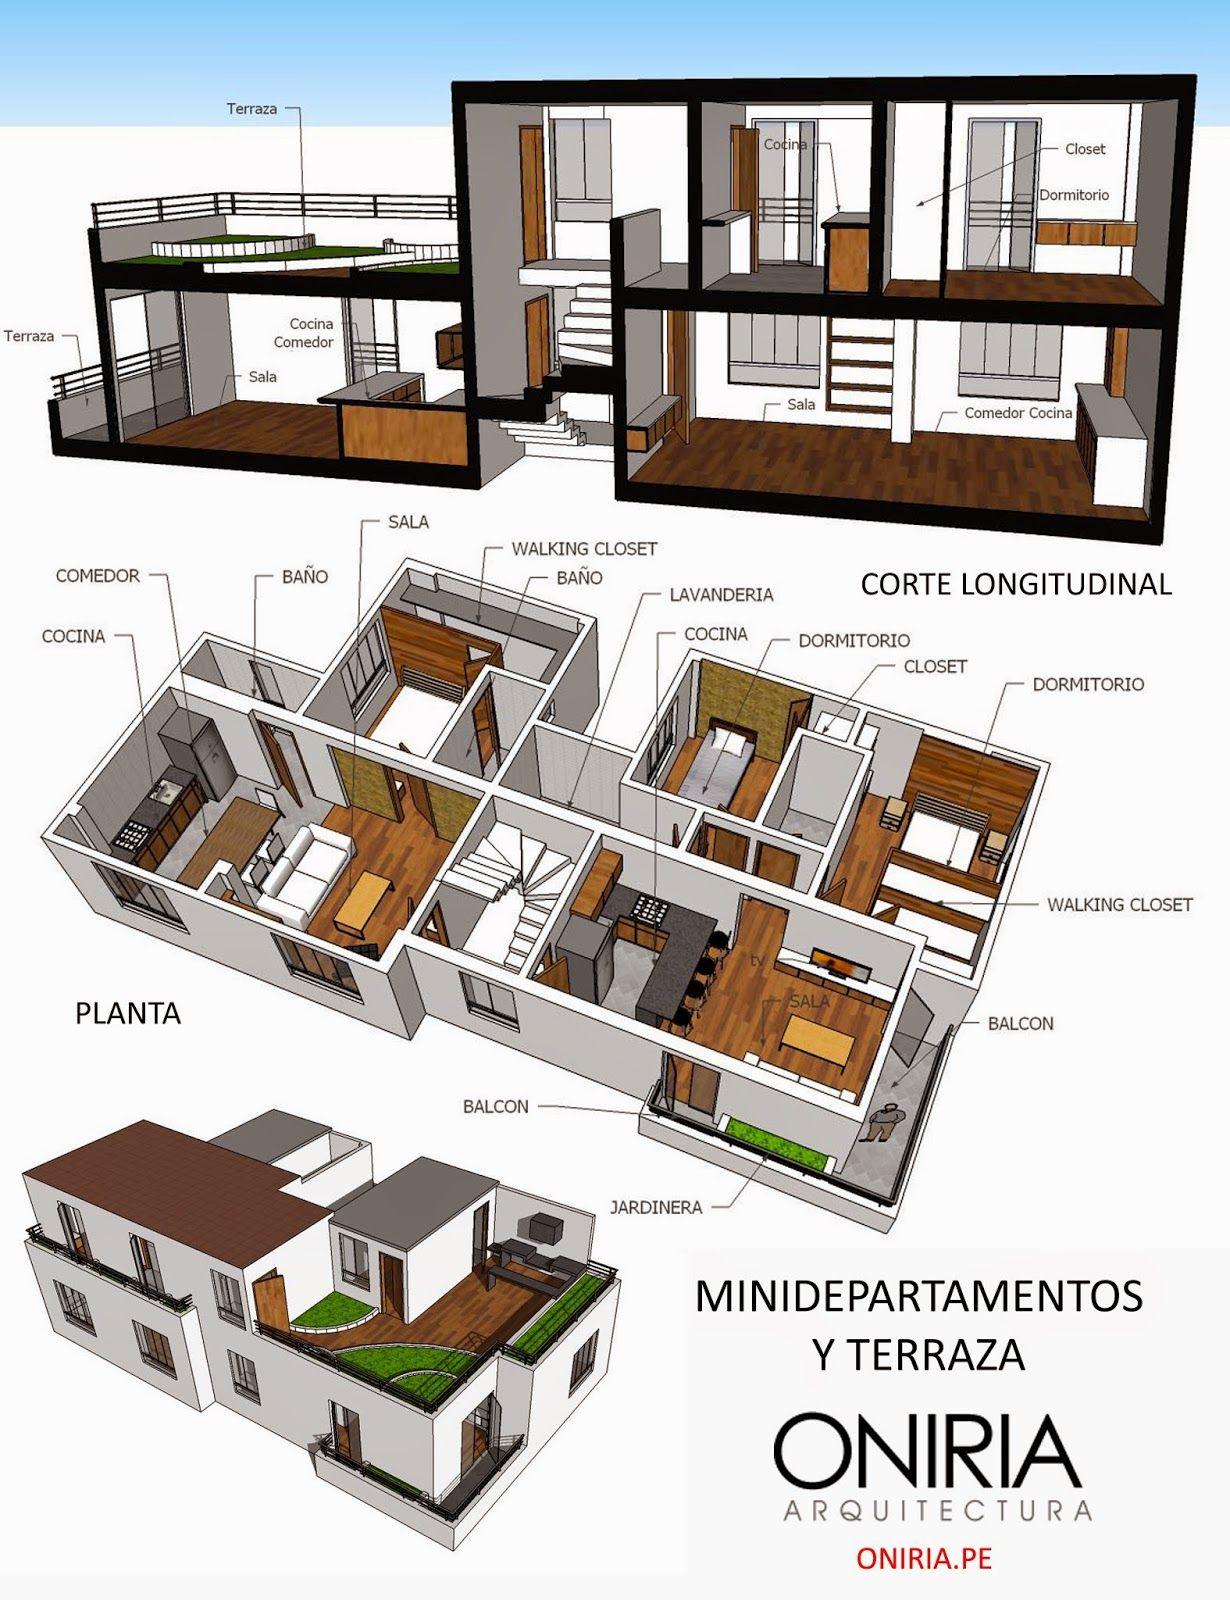 Oniria dise o de minidepartamentos oniria arquitectura for Diseno minidepartamento